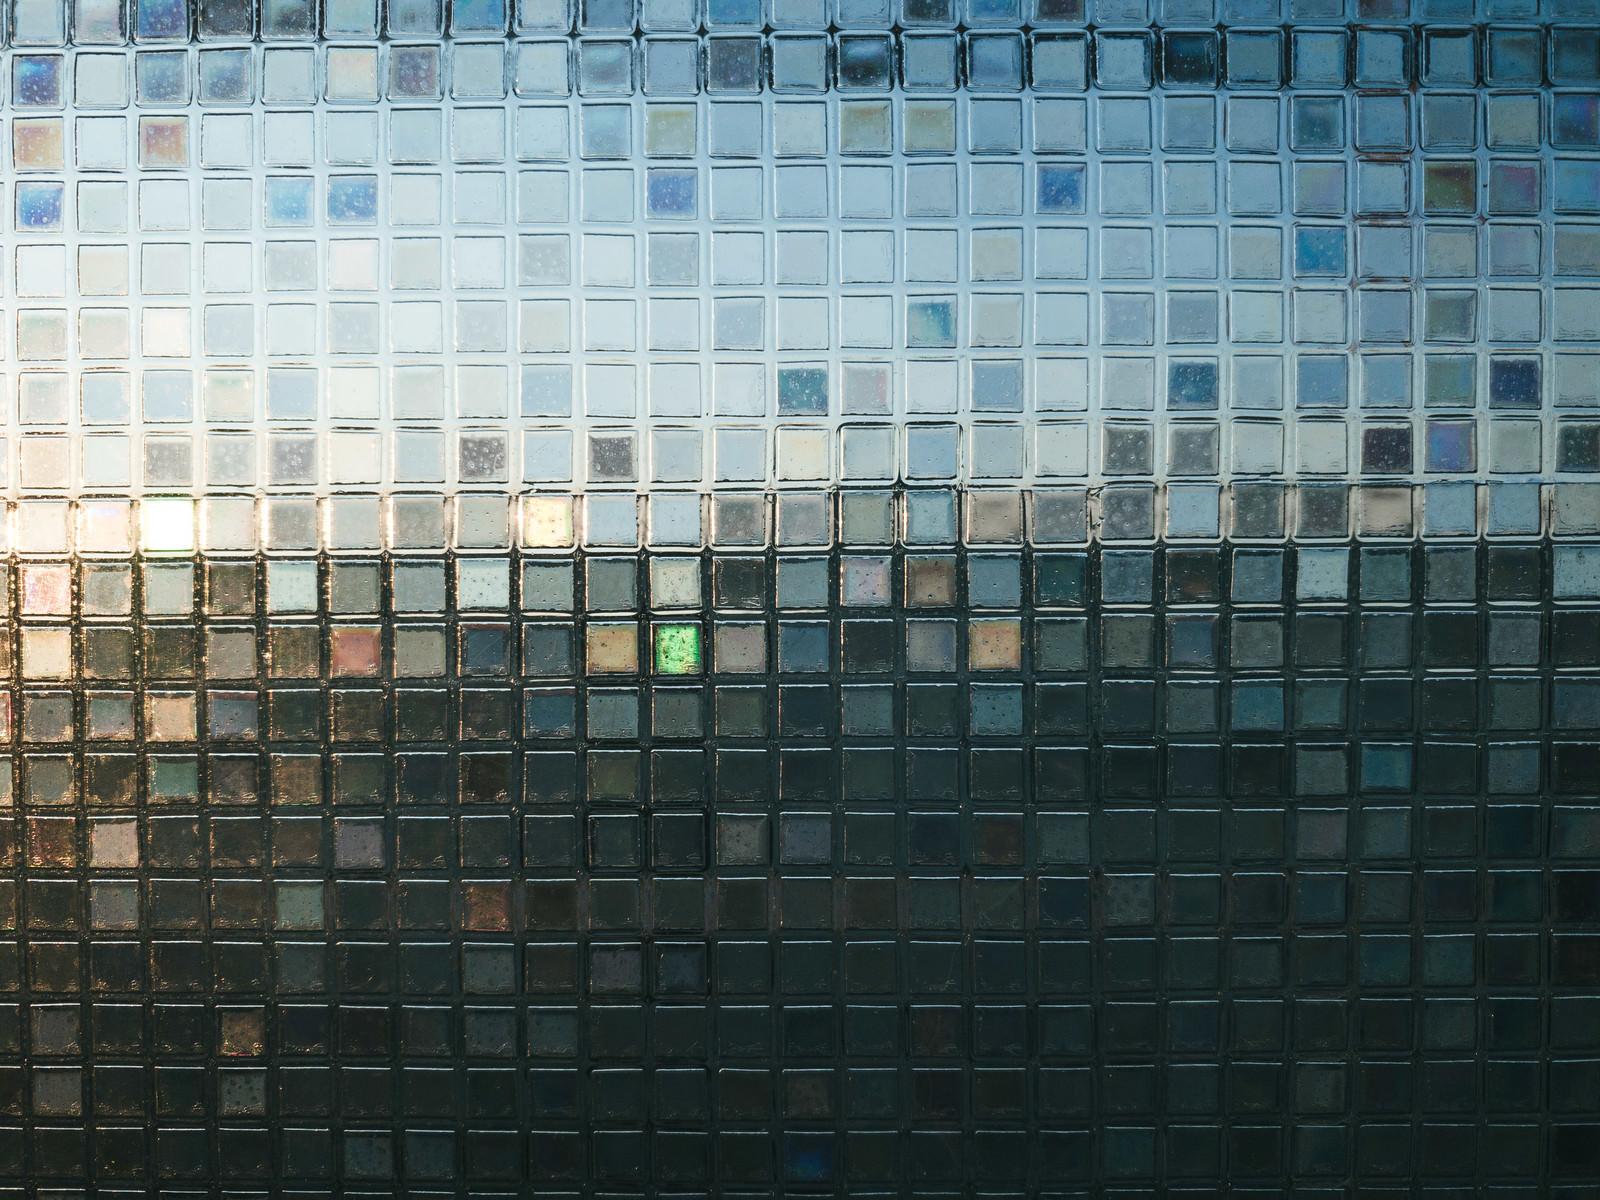 「カラフルな四角形の窓ガラス(テクスチャ)」の写真